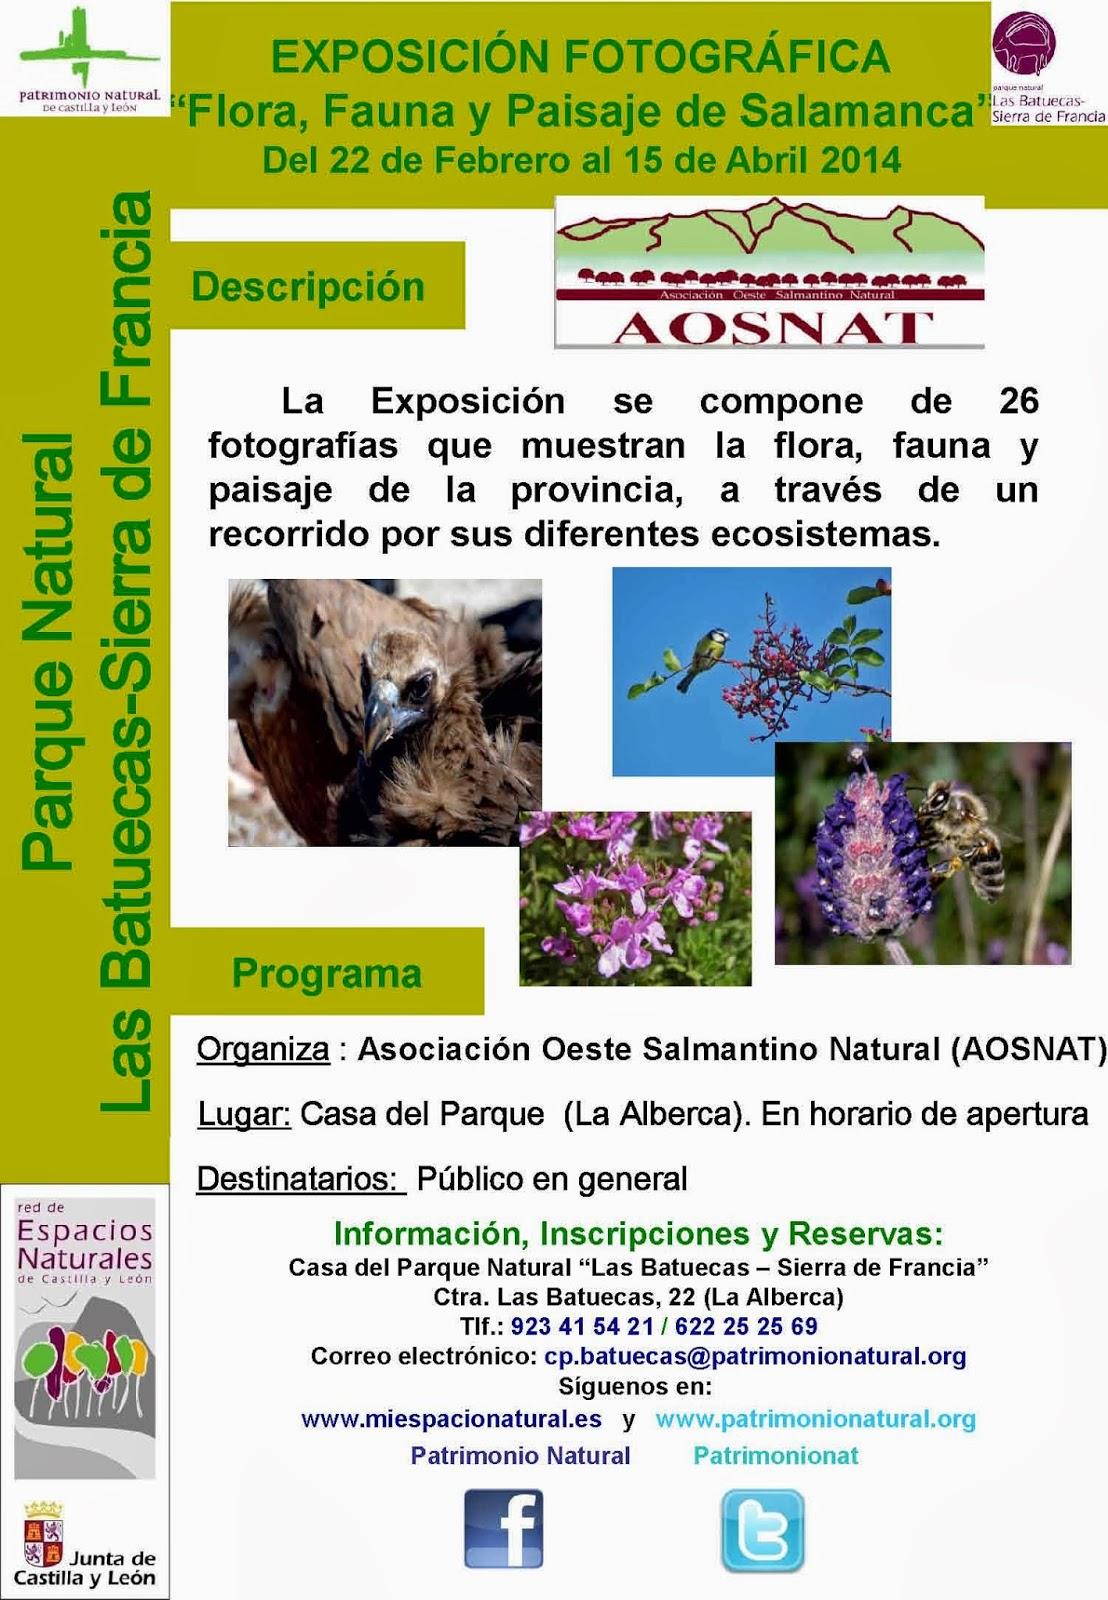 24/Feb-15/Abr (hasta): Exposición. Flora, Fauna y Paisaje de Salamanca. La Alberca